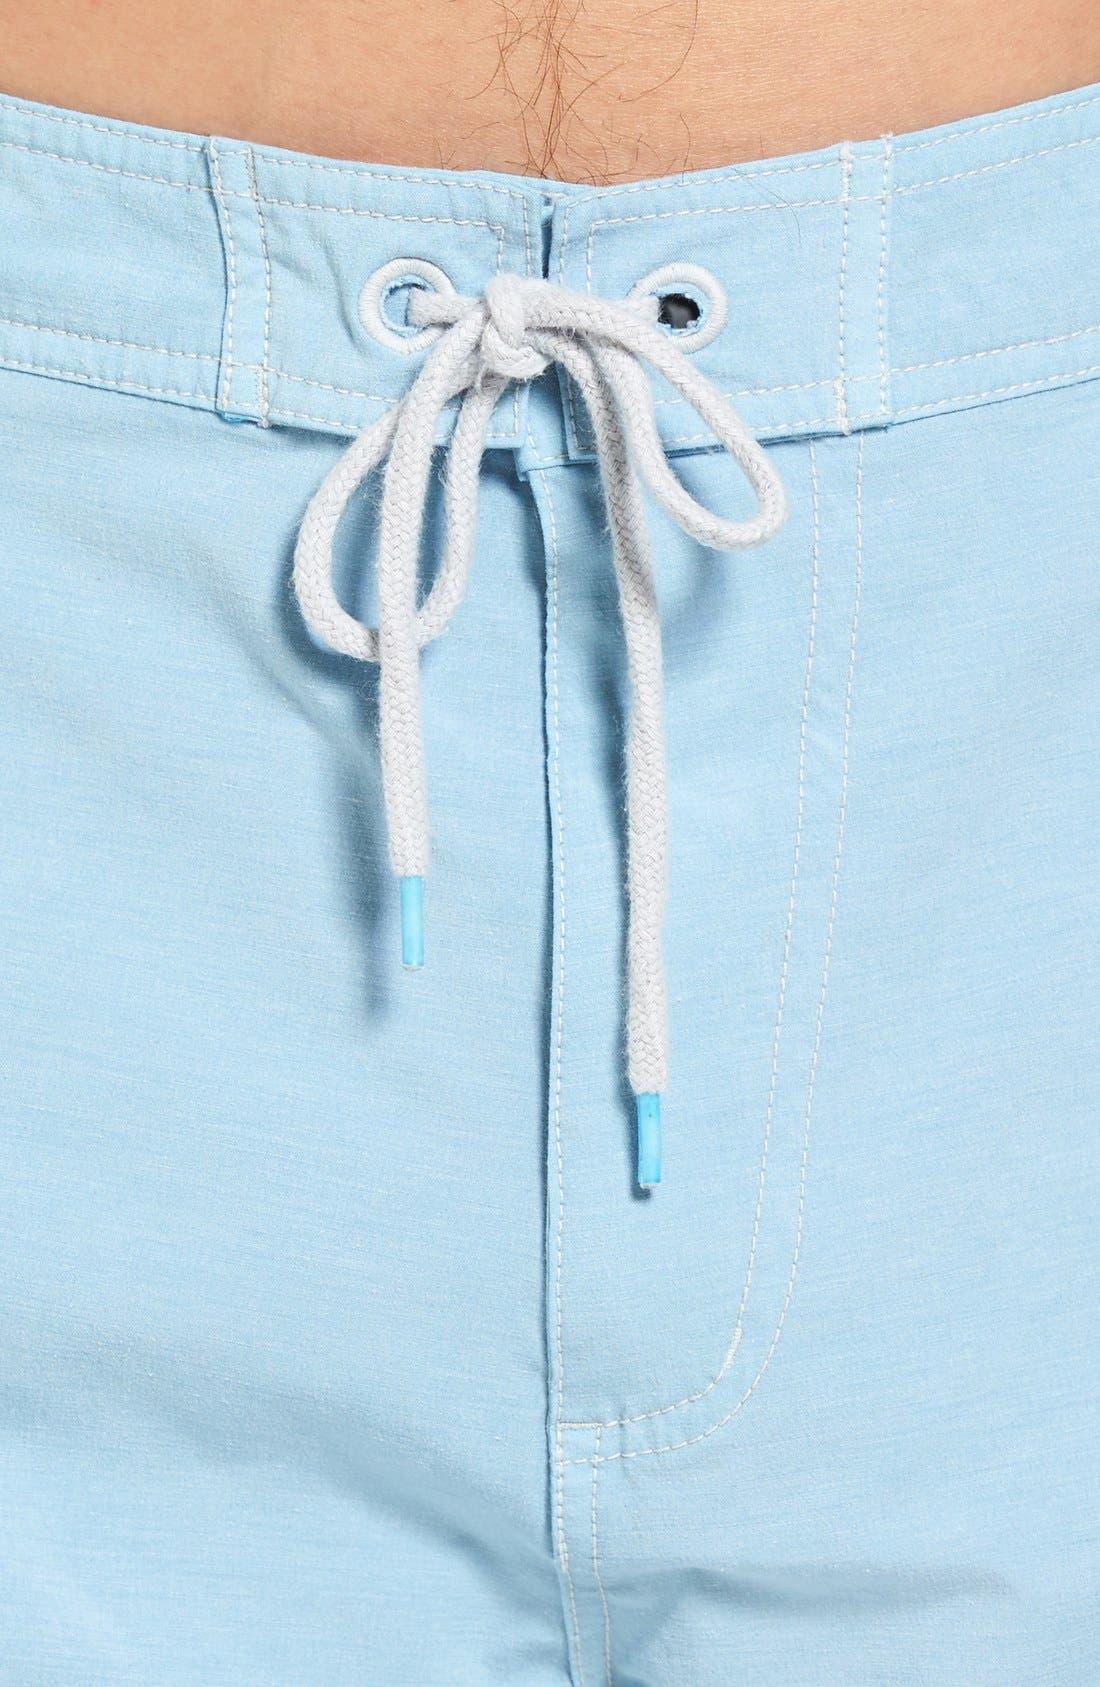 Venice Board Shorts,                             Alternate thumbnail 4, color,                             Light Blue